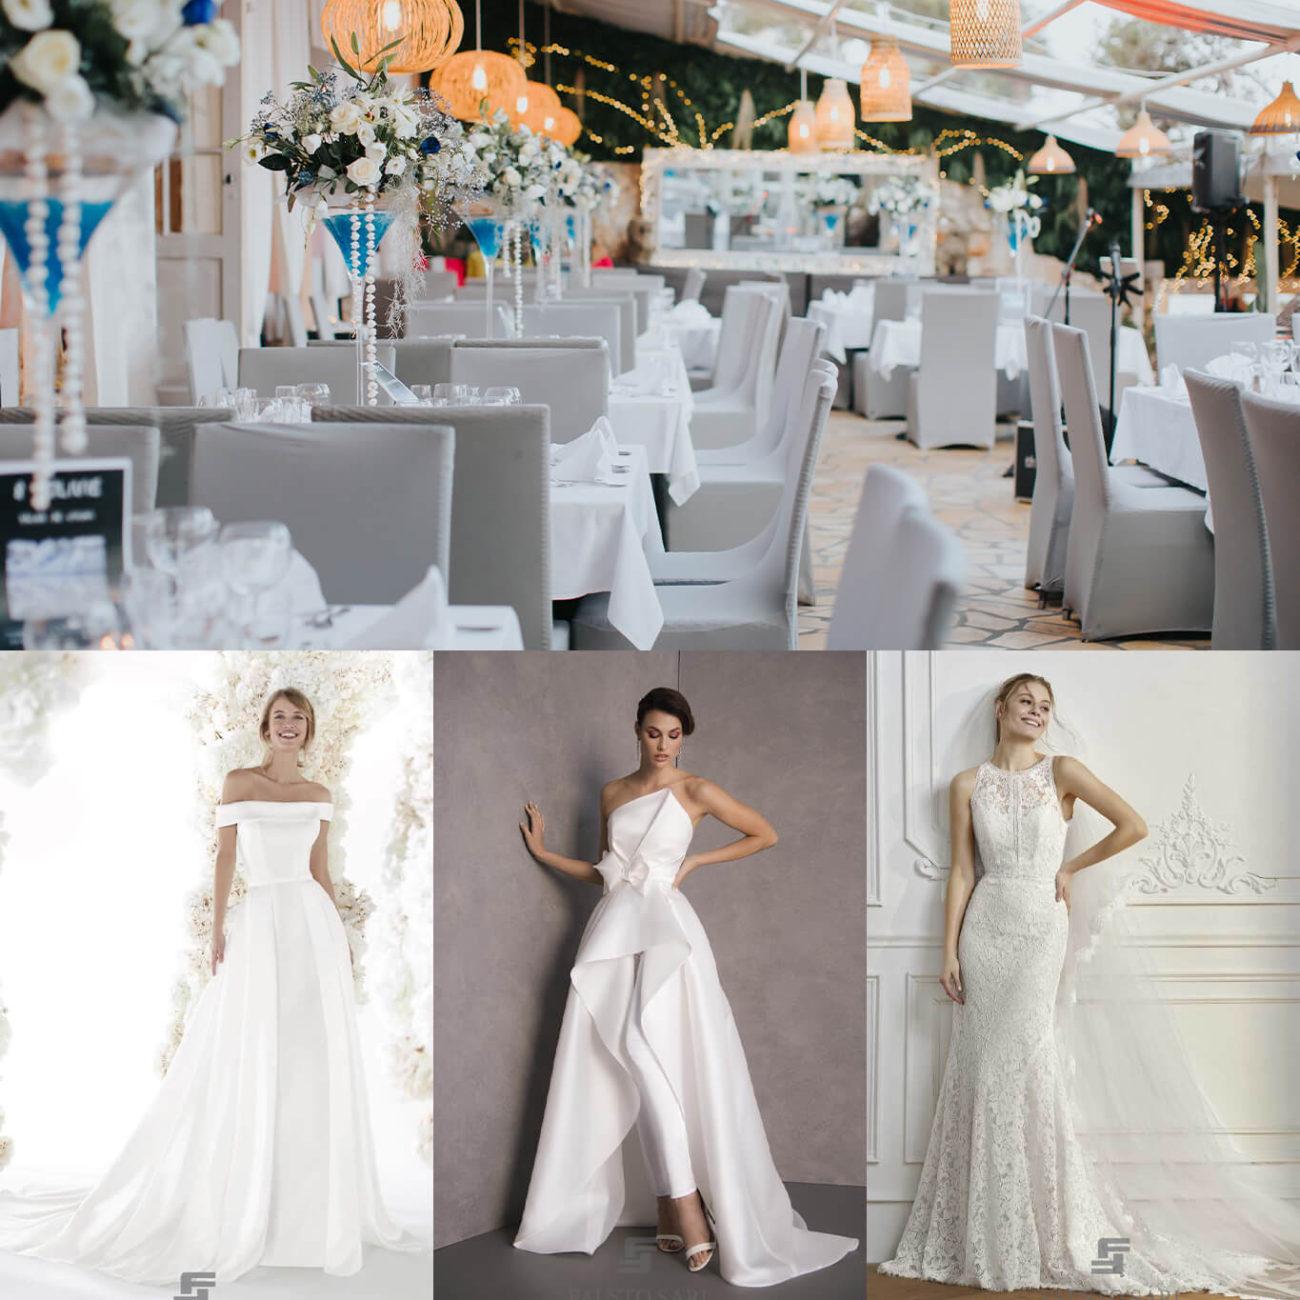 matrimonio-ristorante